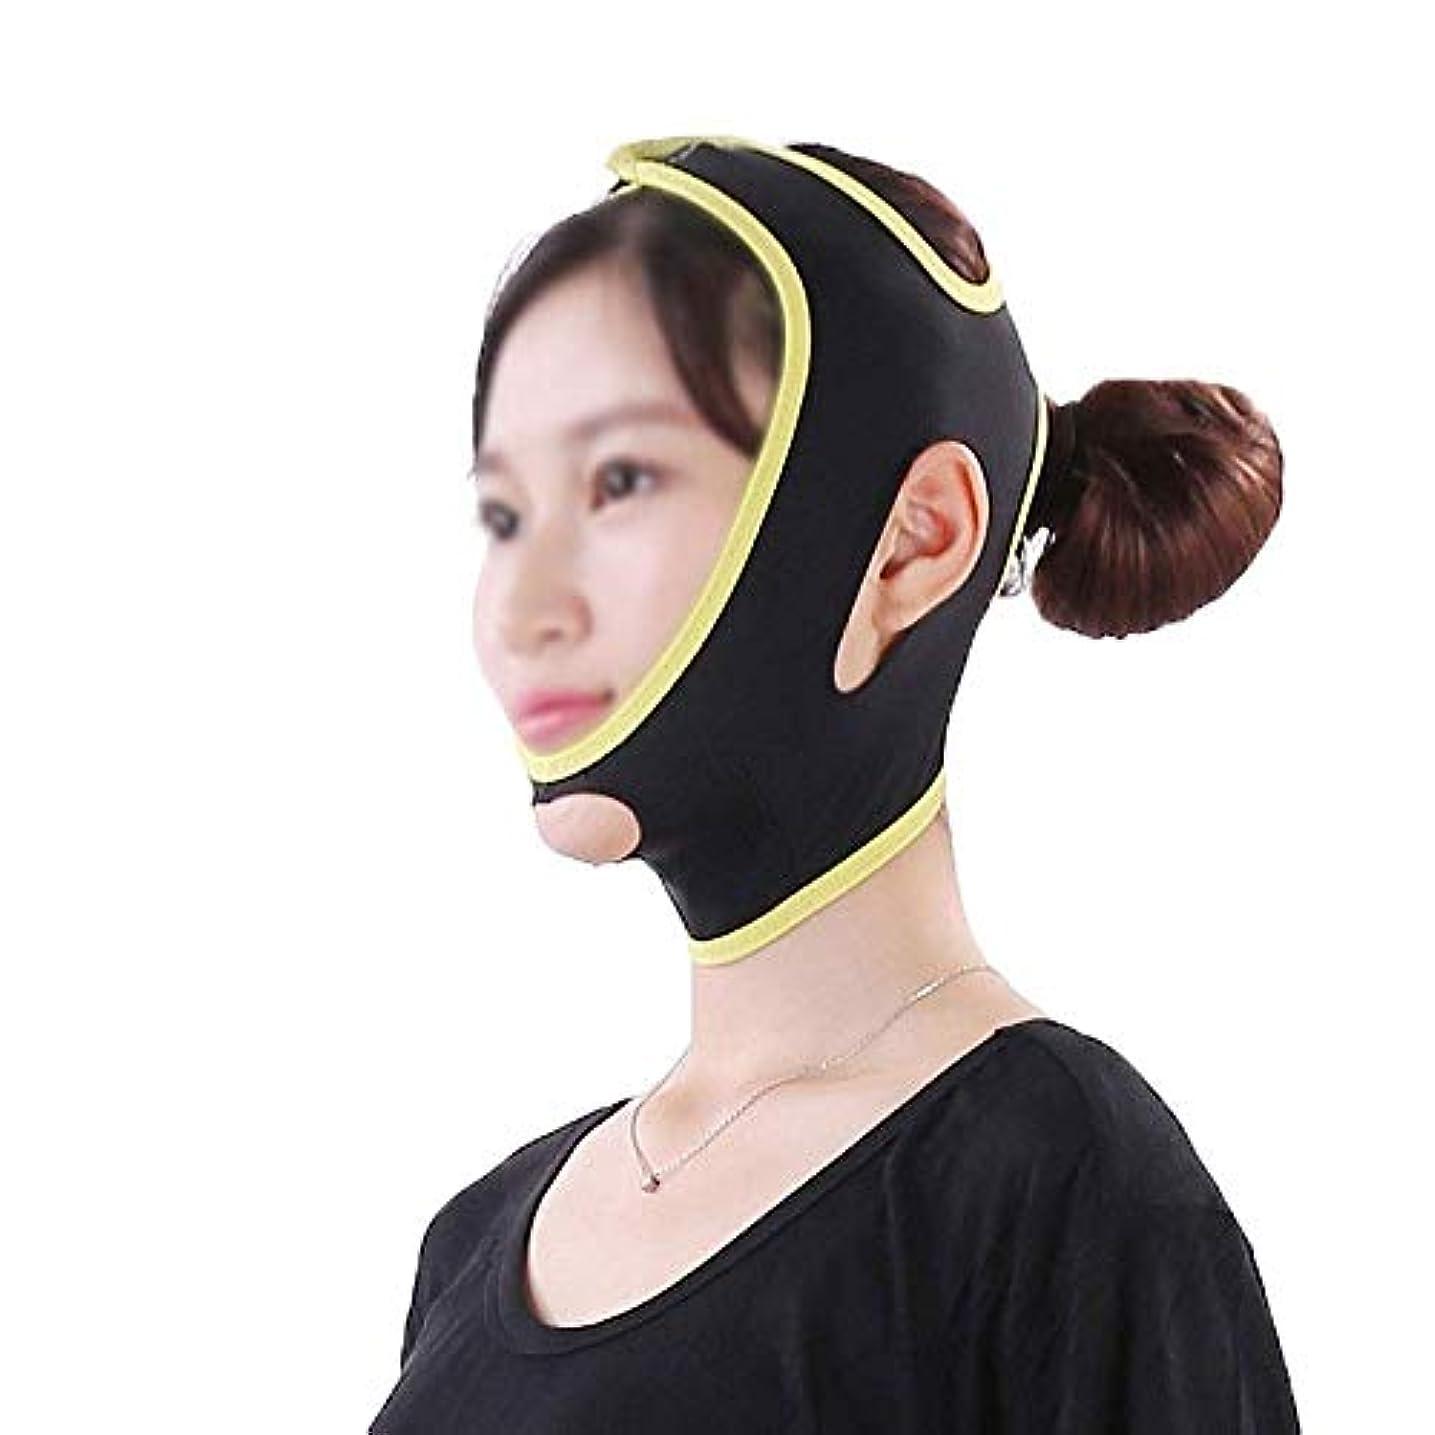 起業家提唱する窒息させるフェイス&ネックリフト、フェイスリフトマスク強力なフェイスマスクフェイスリフトアーチファクトフェイスリフティングフェイスリフティングツールフェイスリフティング包帯シンフェイスマスク美容マスク(サイズ:L)